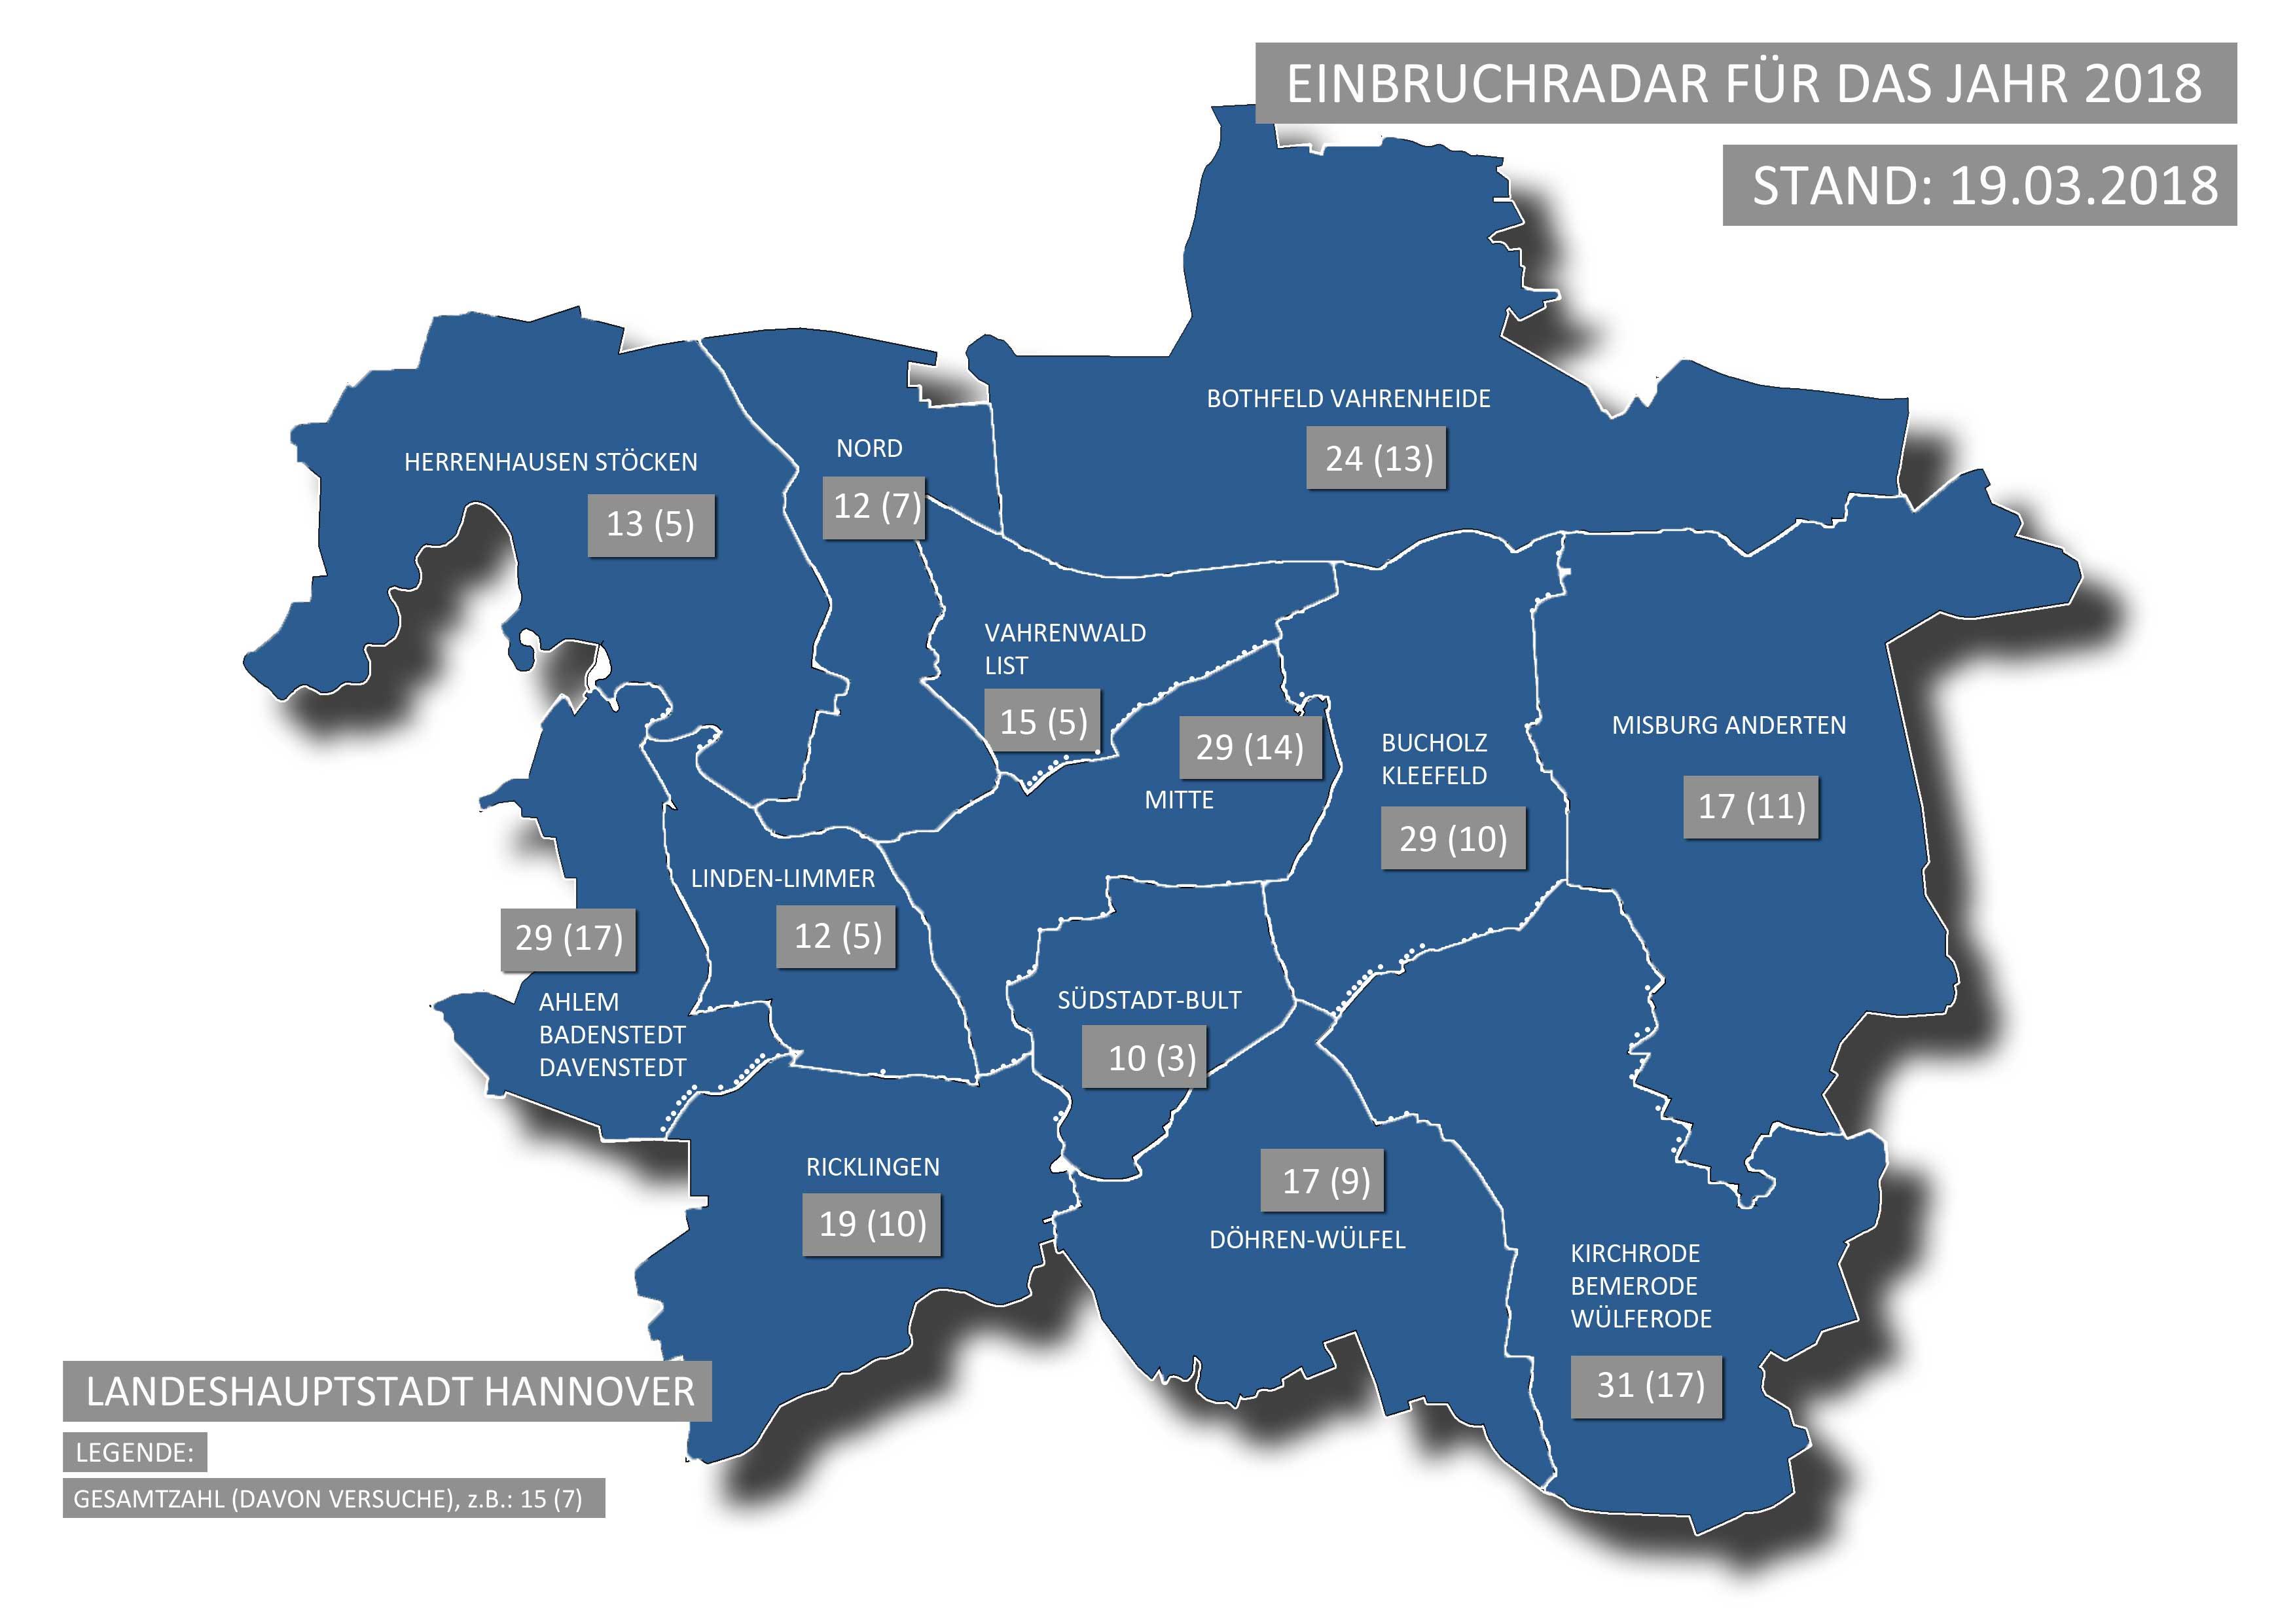 Einbruchradar der Polizeidirektion (PD) Hannover